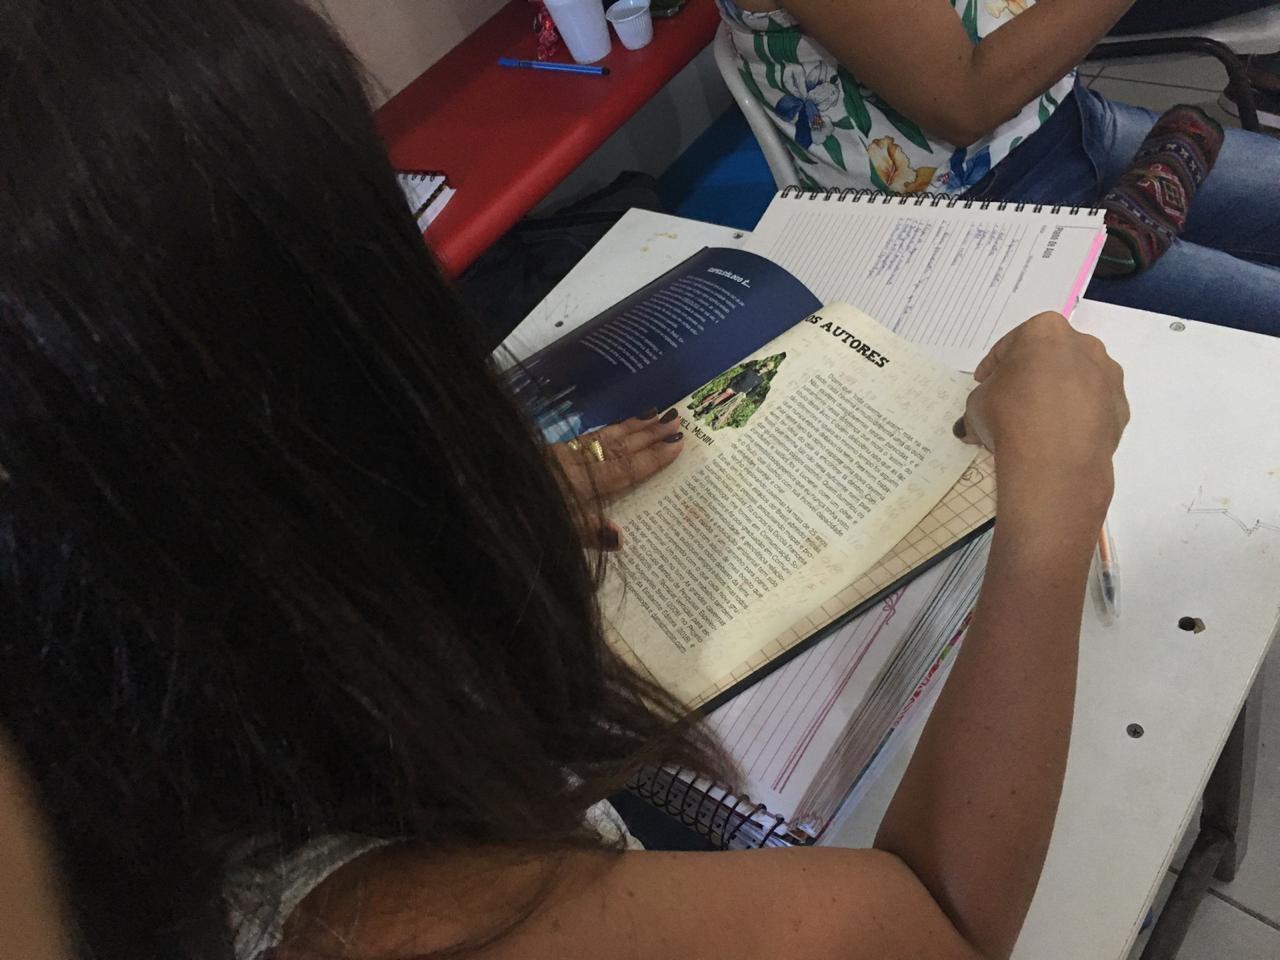 Semana Pedagógica_Escola Experimental_2019_Salvador_Bahia_9